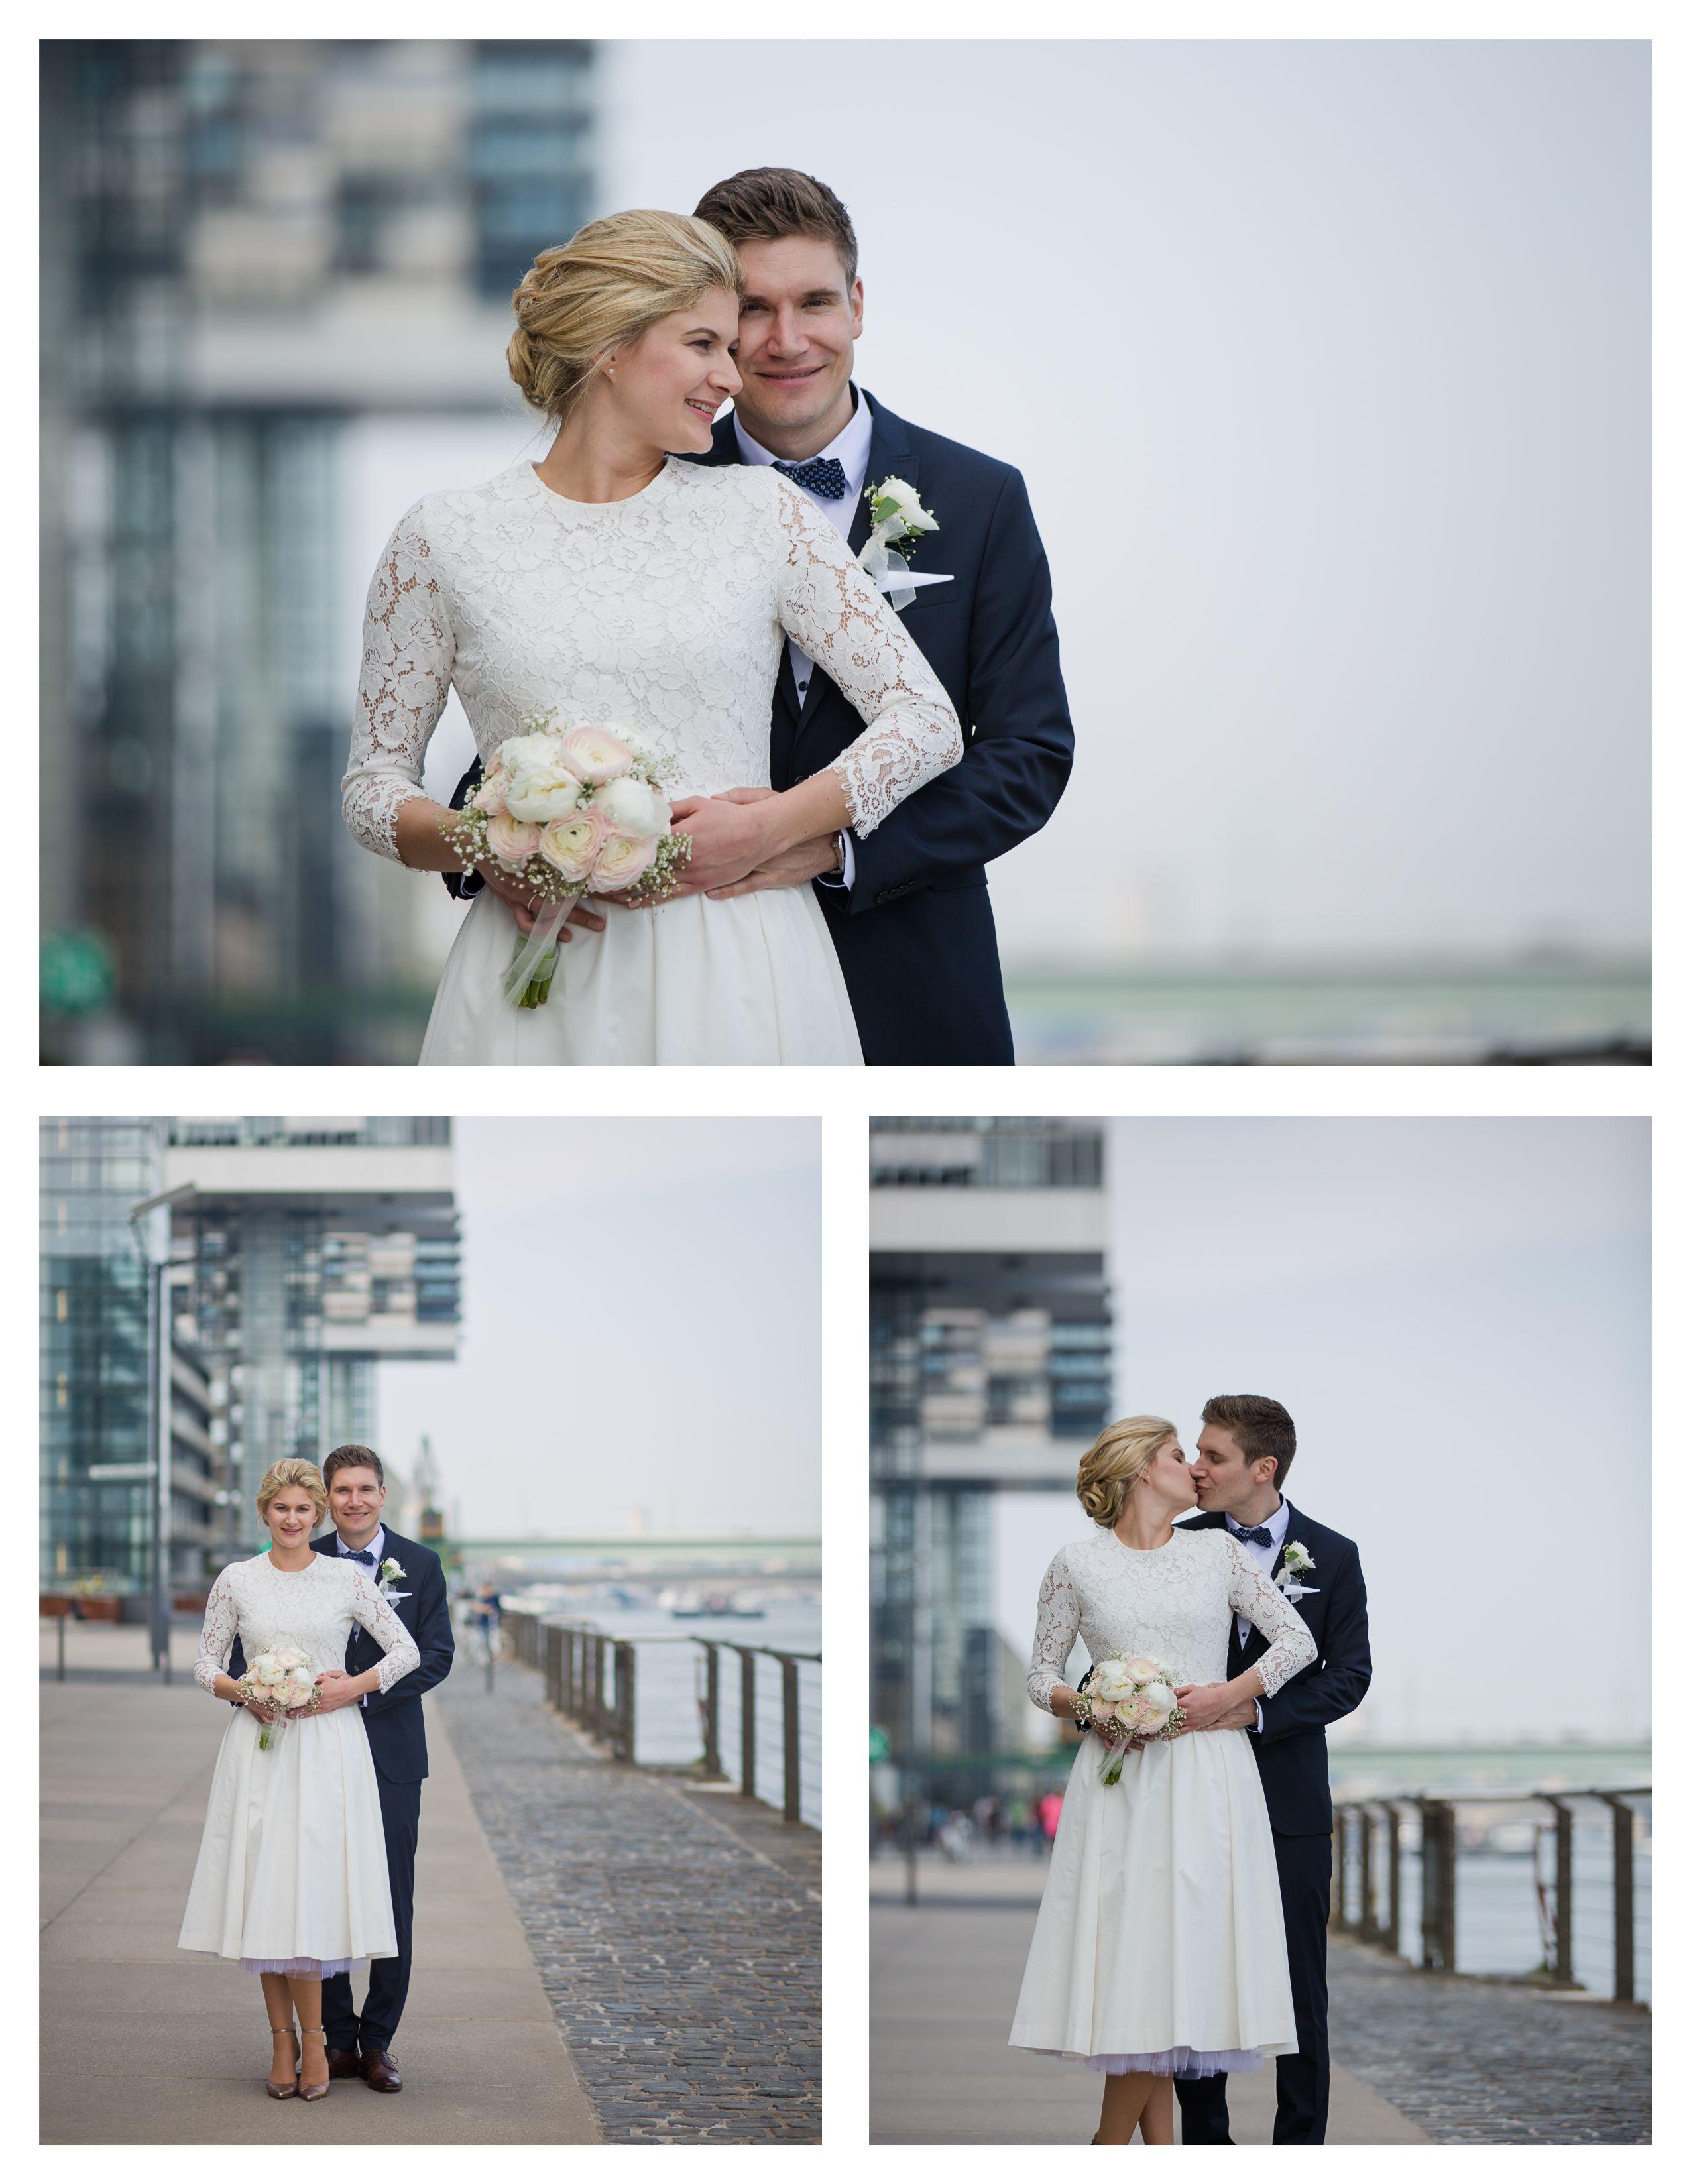 Hochzeitsfotos In Koln Am Hafen Hochzeit Bilder Hochzeitsfotos Hochzeit